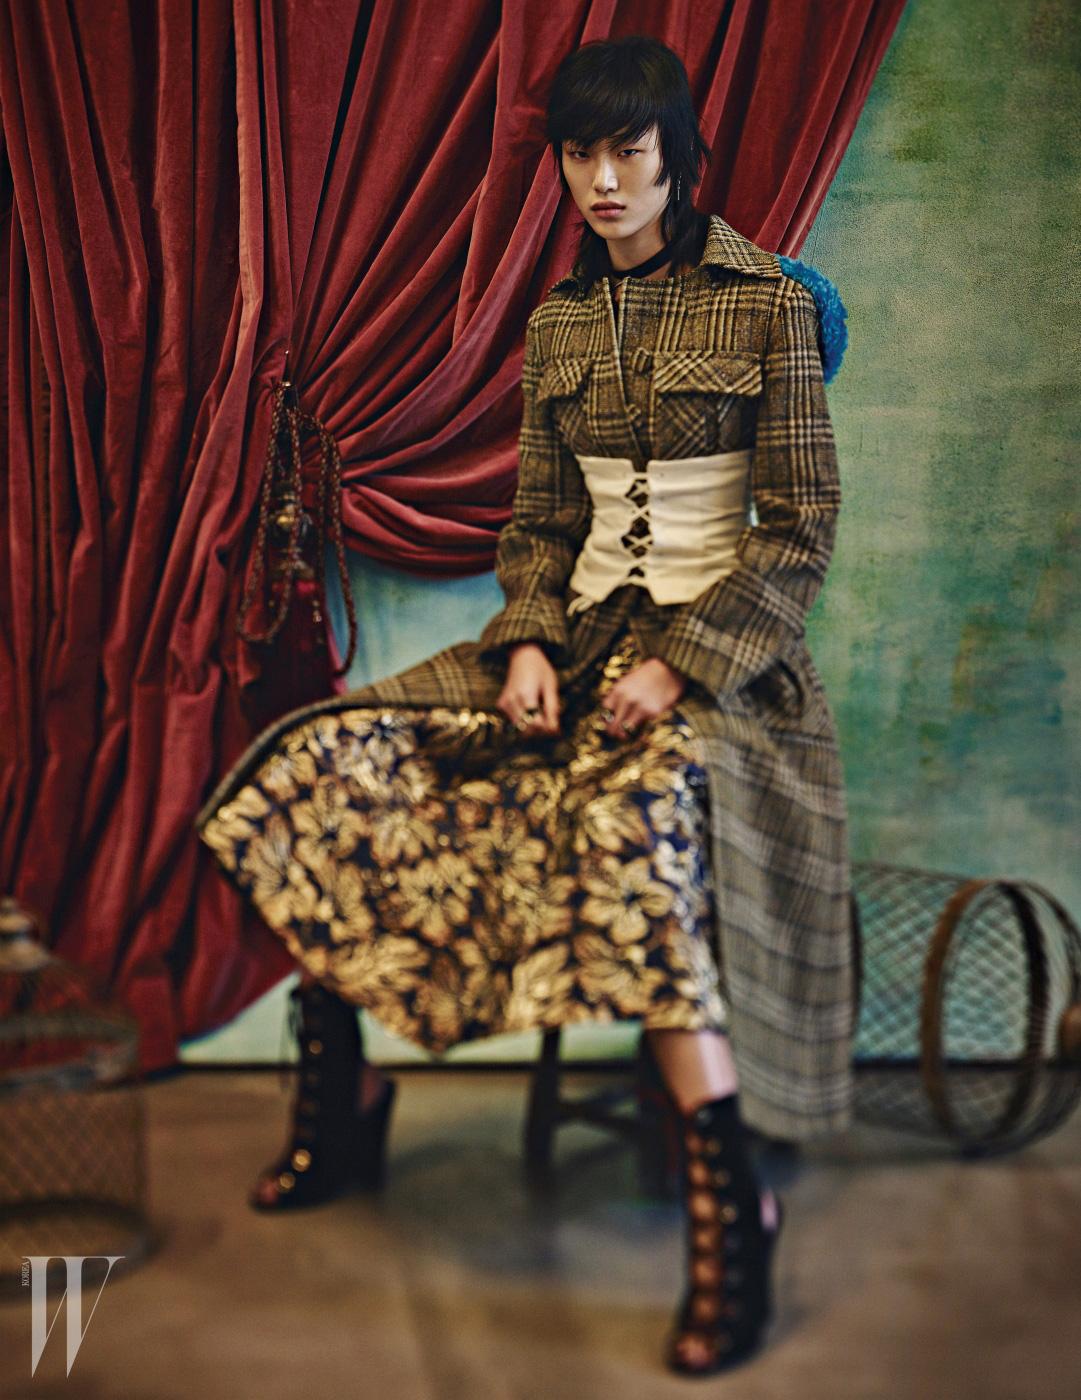 금빛 패턴이 화려한 드레스, 푸른색의 시어링 후드가 캐주얼한 악센트를 더하는 롱 코트, 뷔스티에, 벨벳 소재의 레이스업 부츠는 모두 Prada 제품.